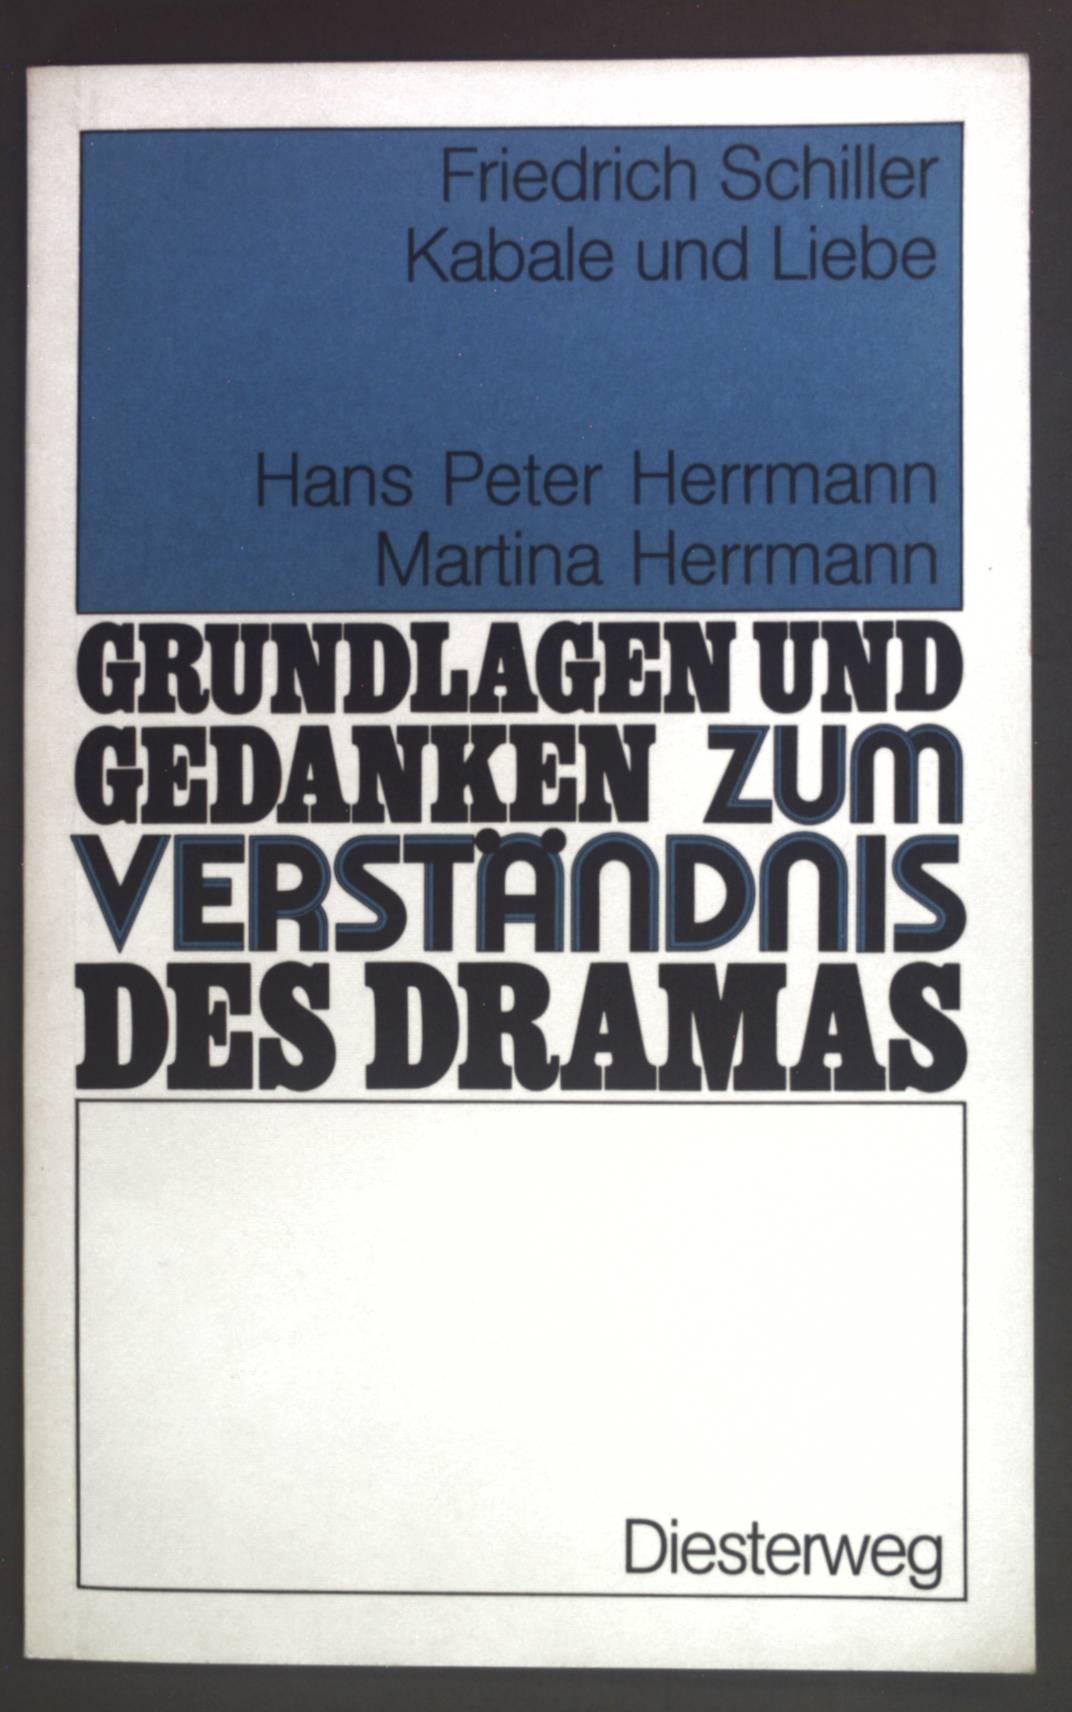 Friedrich Schiller, Kabale und Liebe. Grundlagen und: Herrmann, Hans Peter